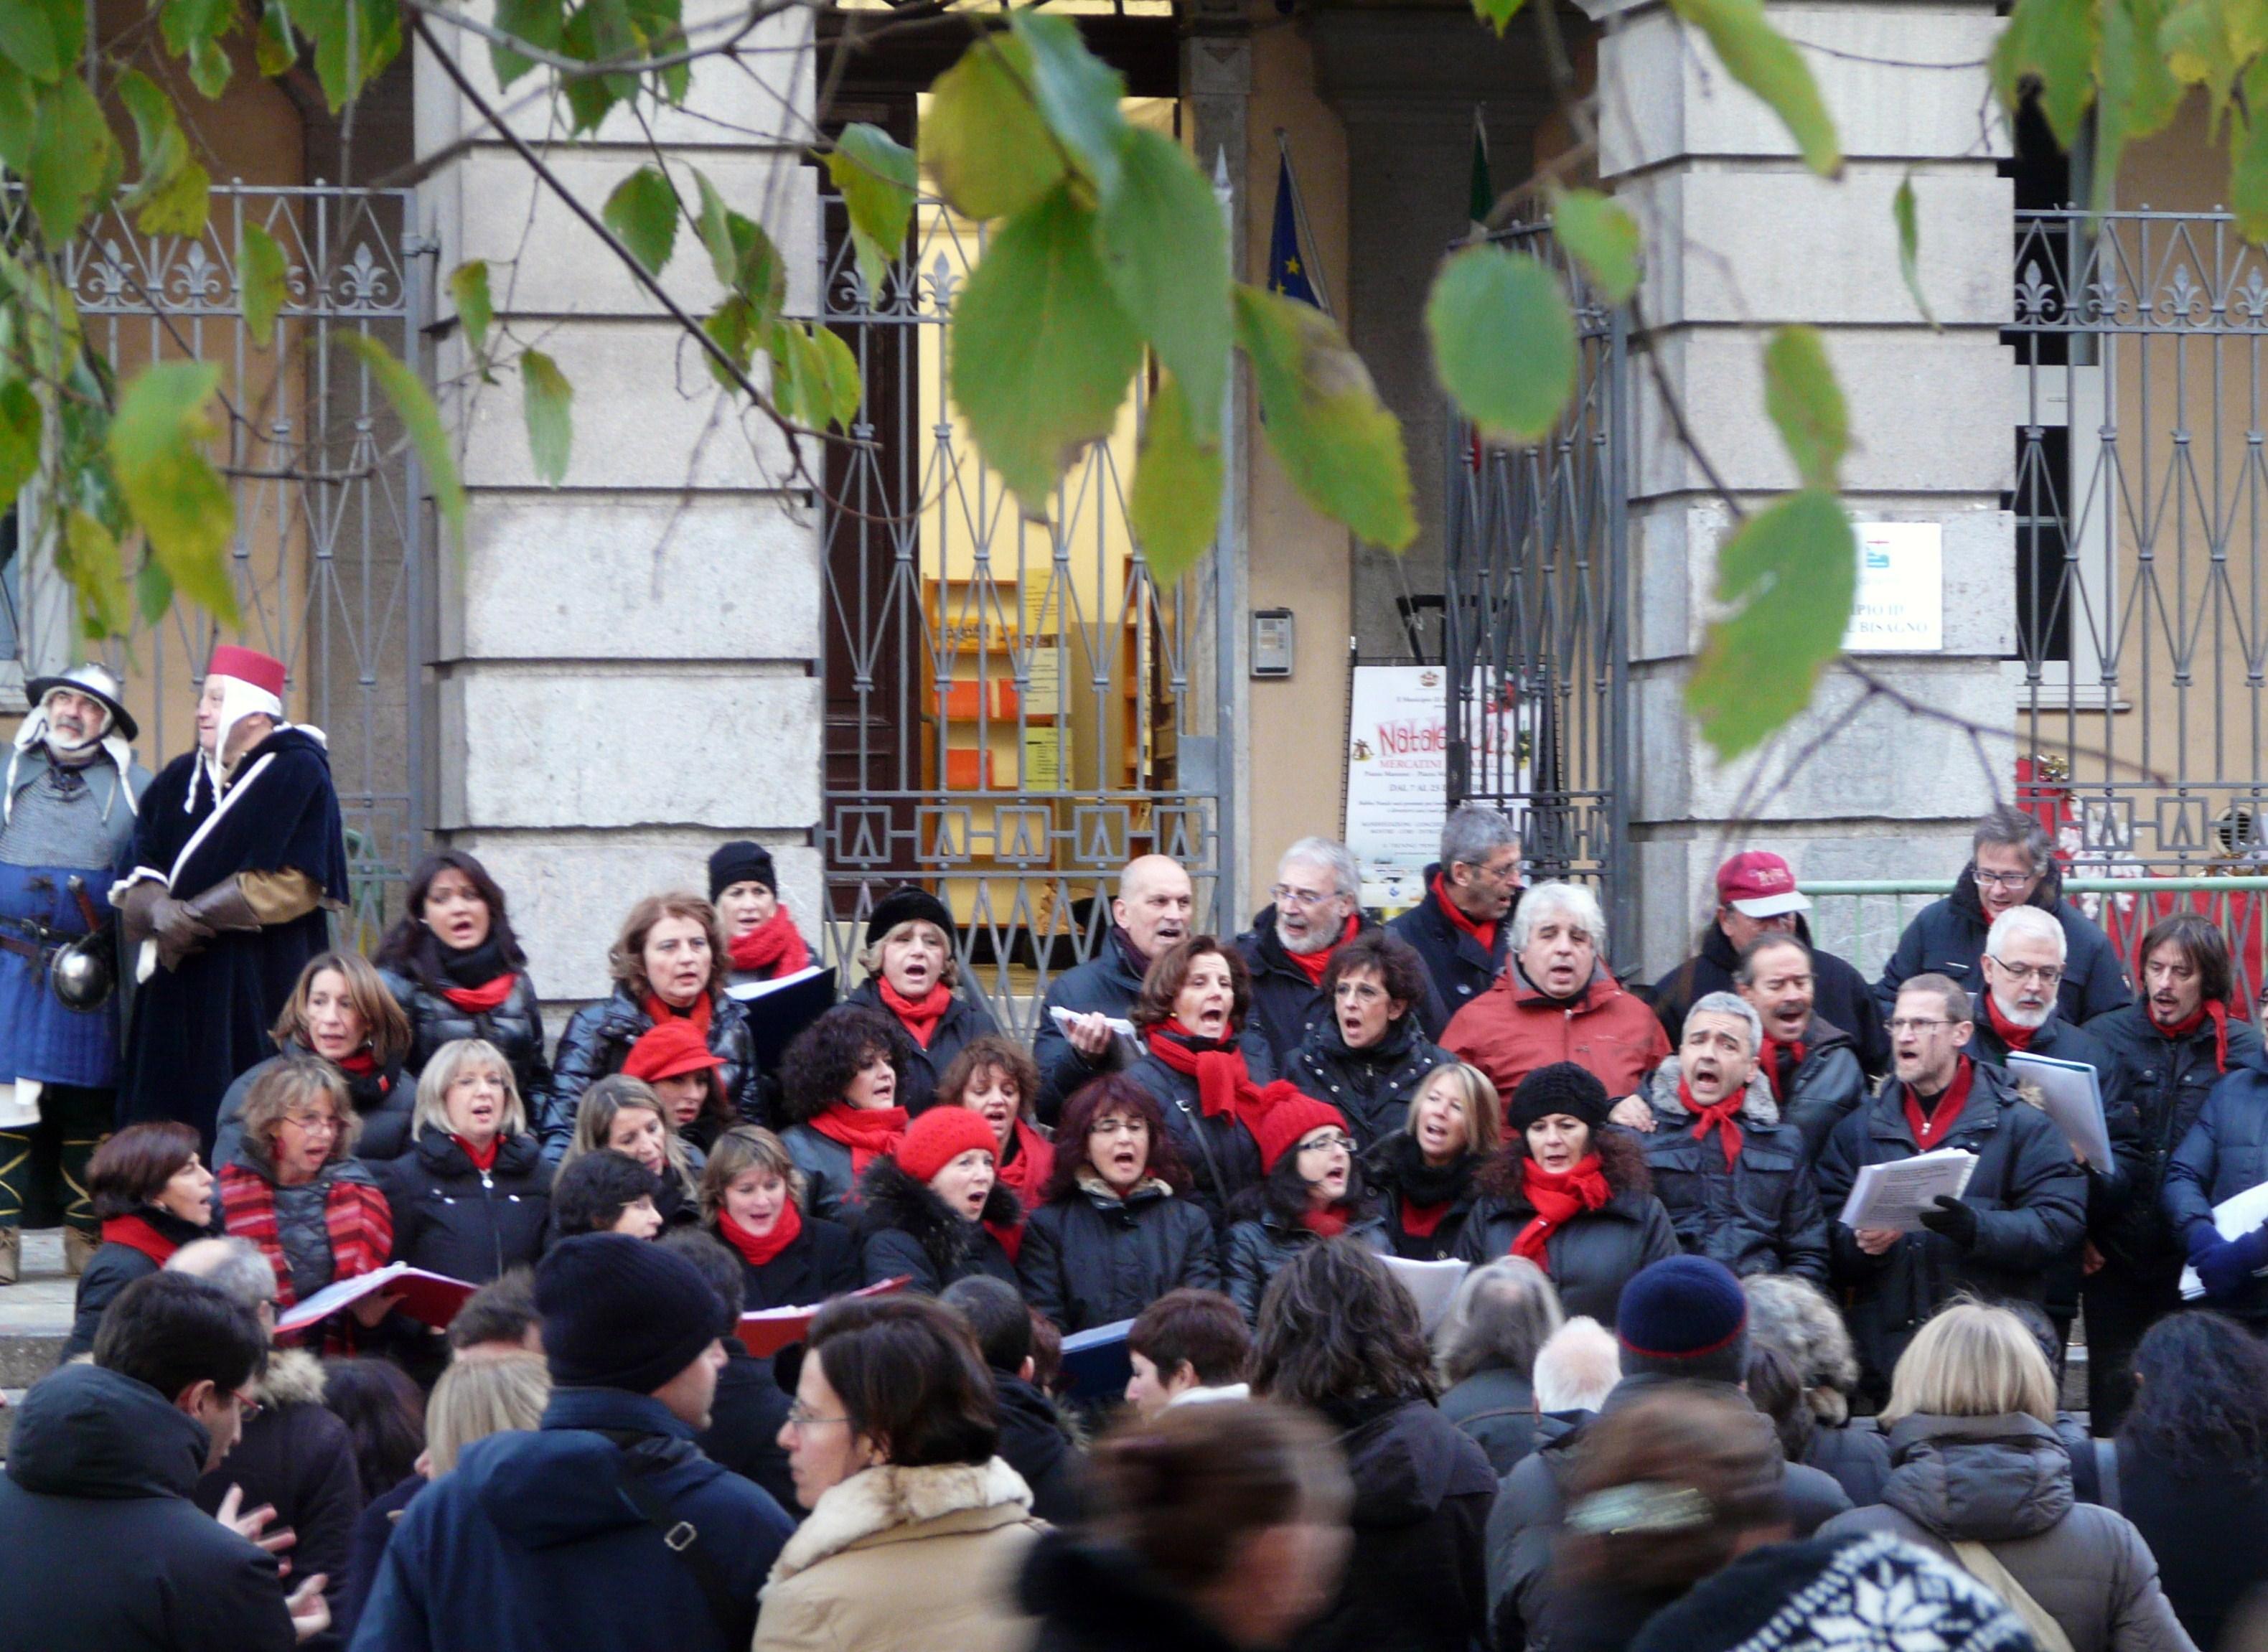 8 DICEMBRE 2012 -  PIAZZA MANZONI - GENOVA.jpg